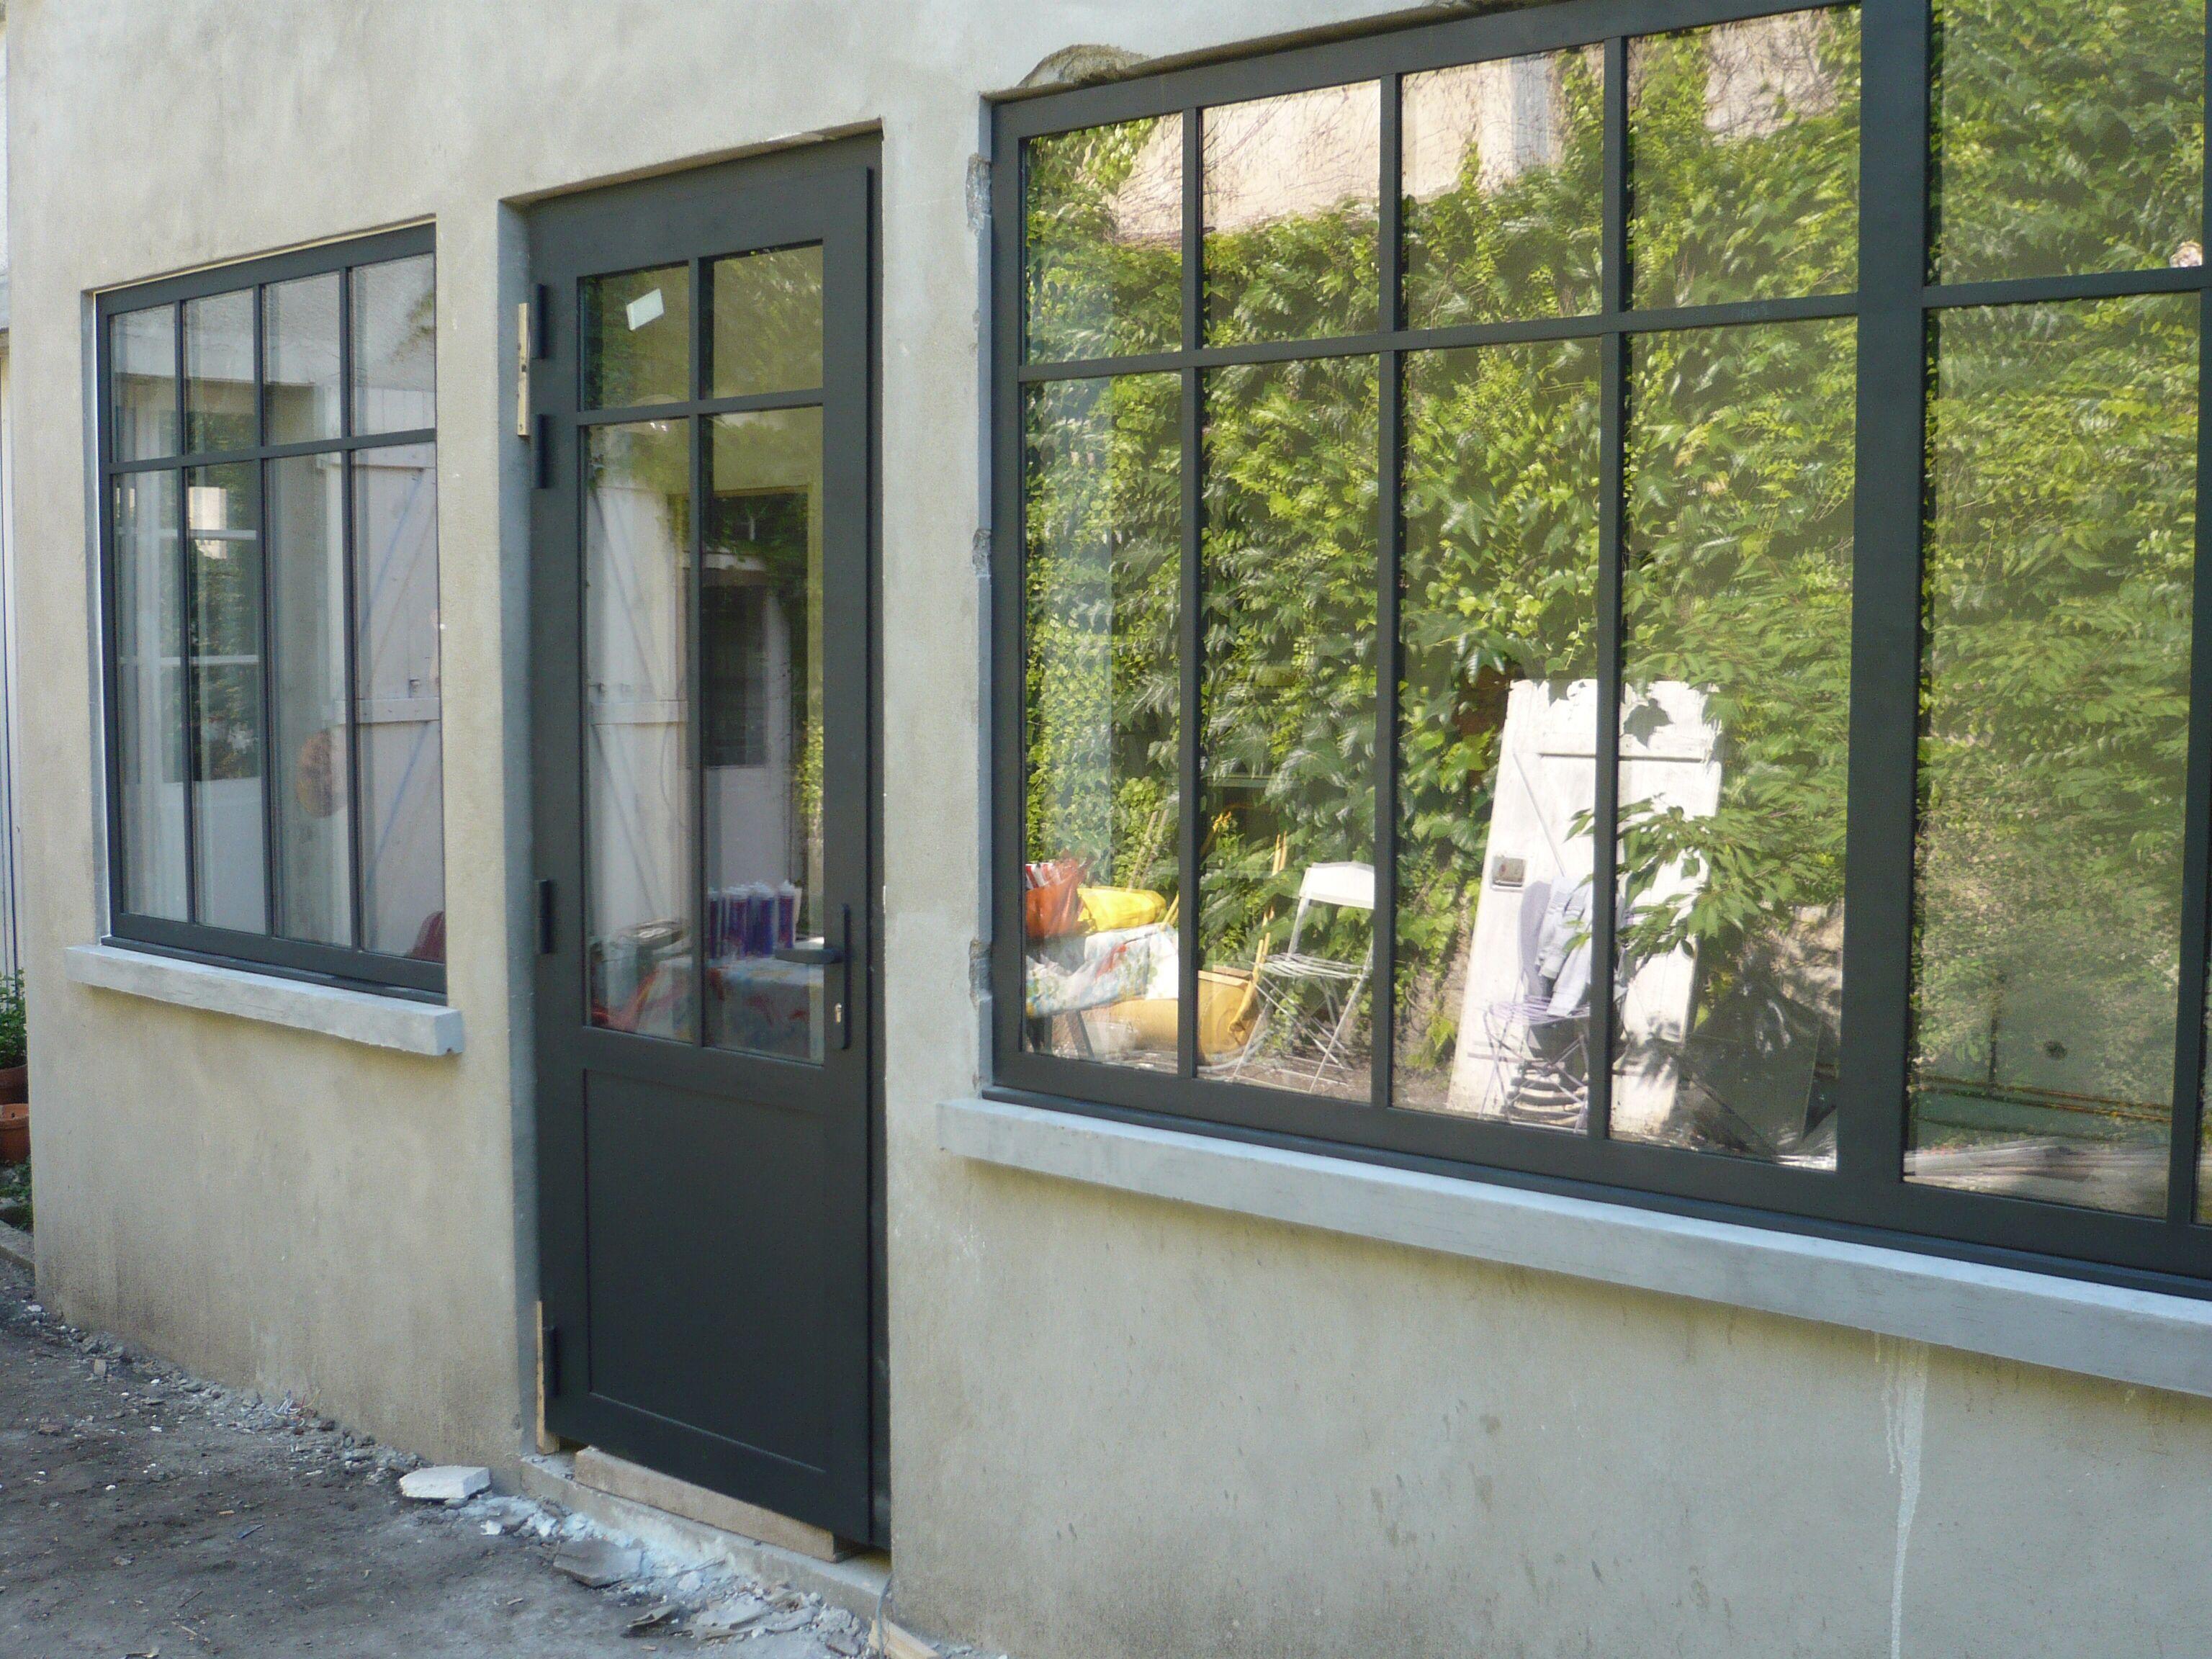 Fenetres Grises Porte Fenetre Alu Design Exterieur De La Maison Fenetres Alu